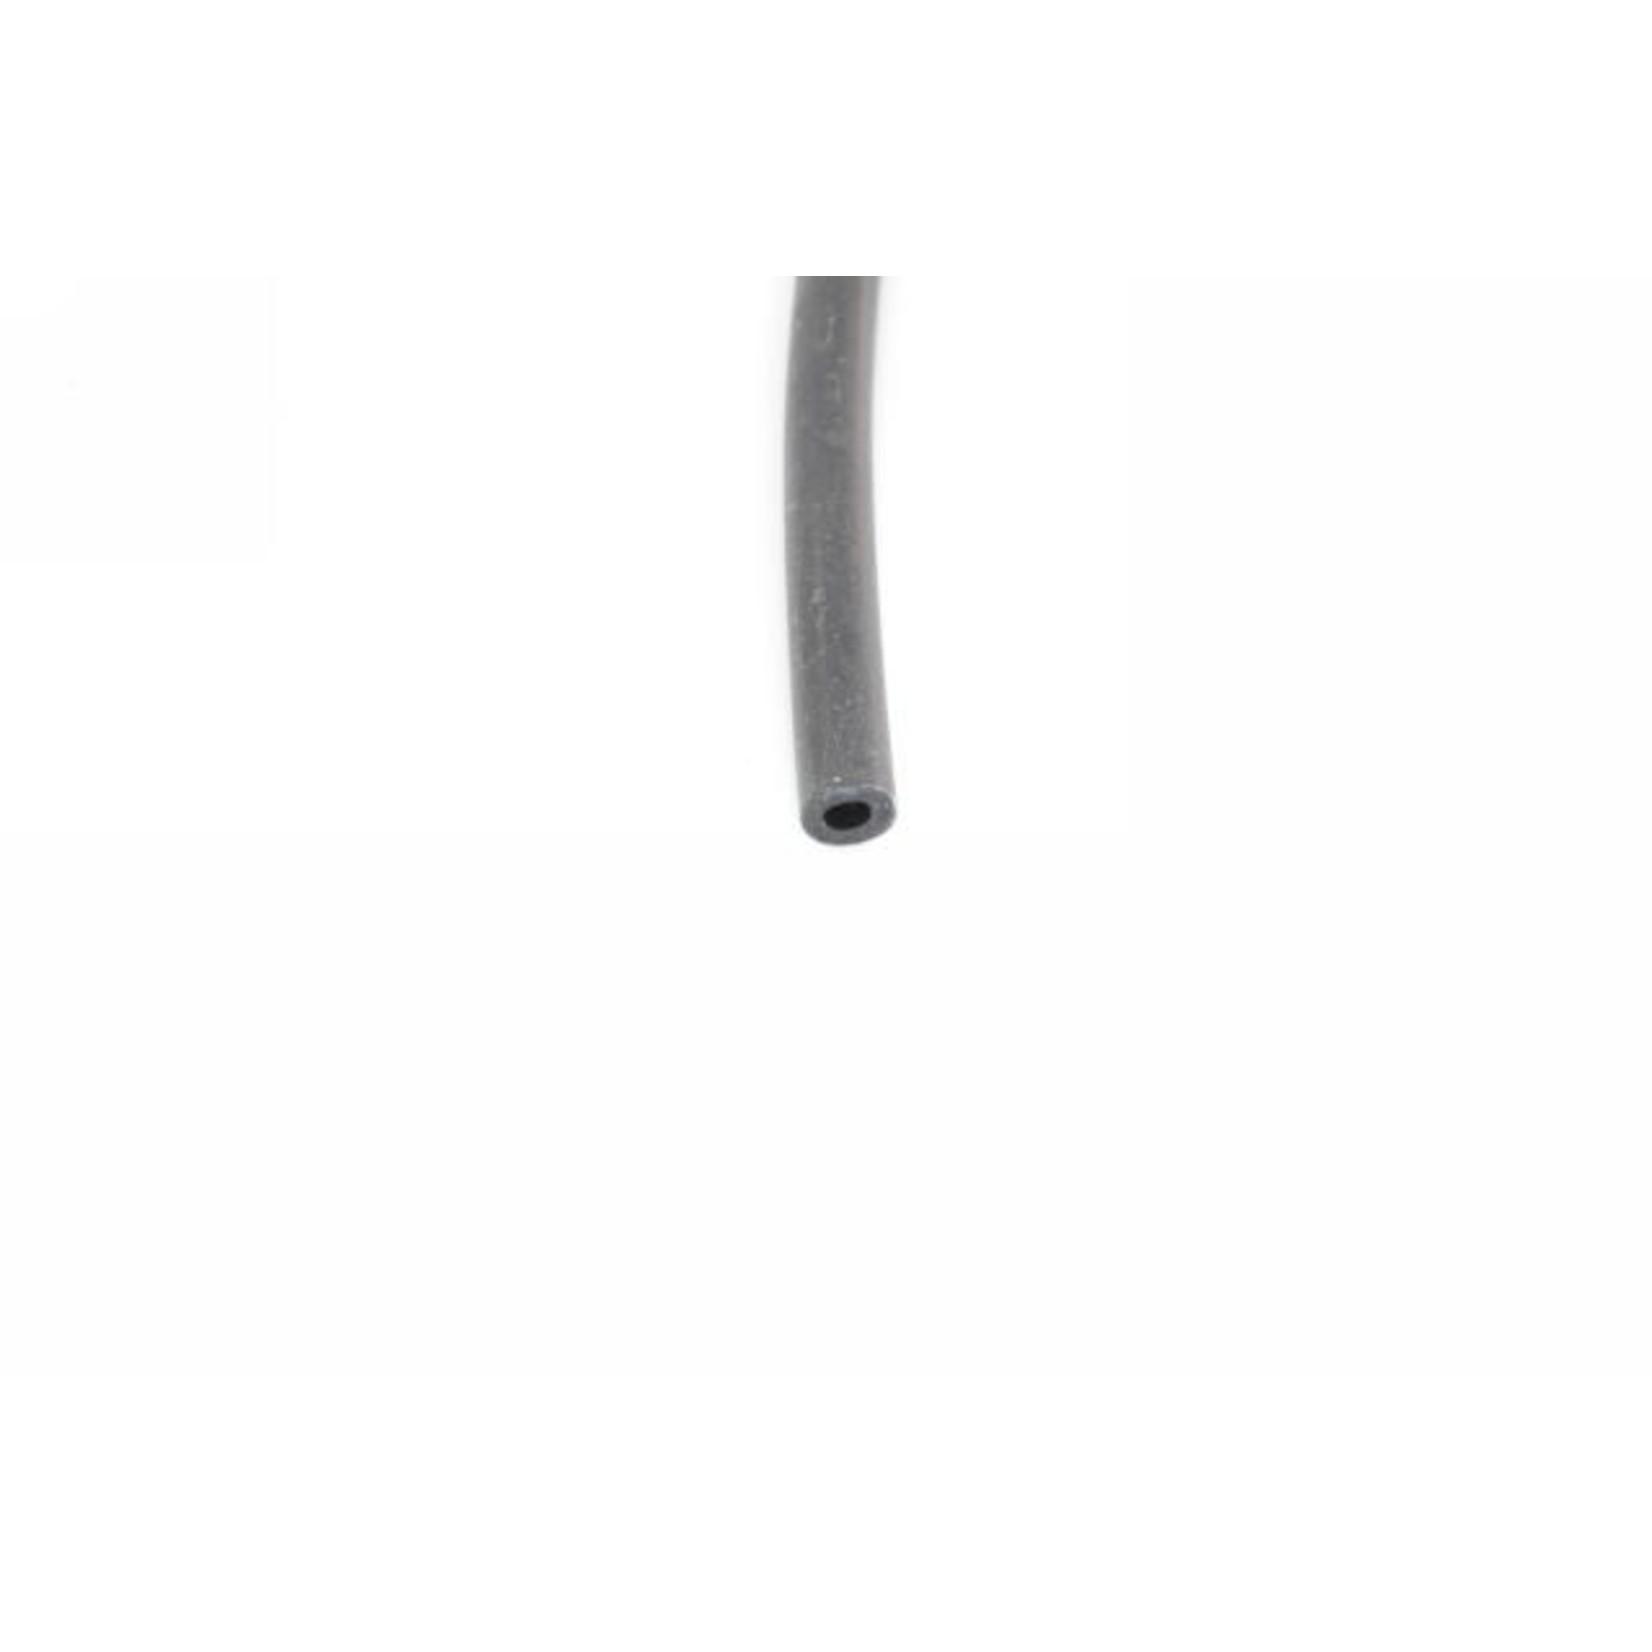 Tubo ceucho lavaparabrisas Nr Org: 5446880